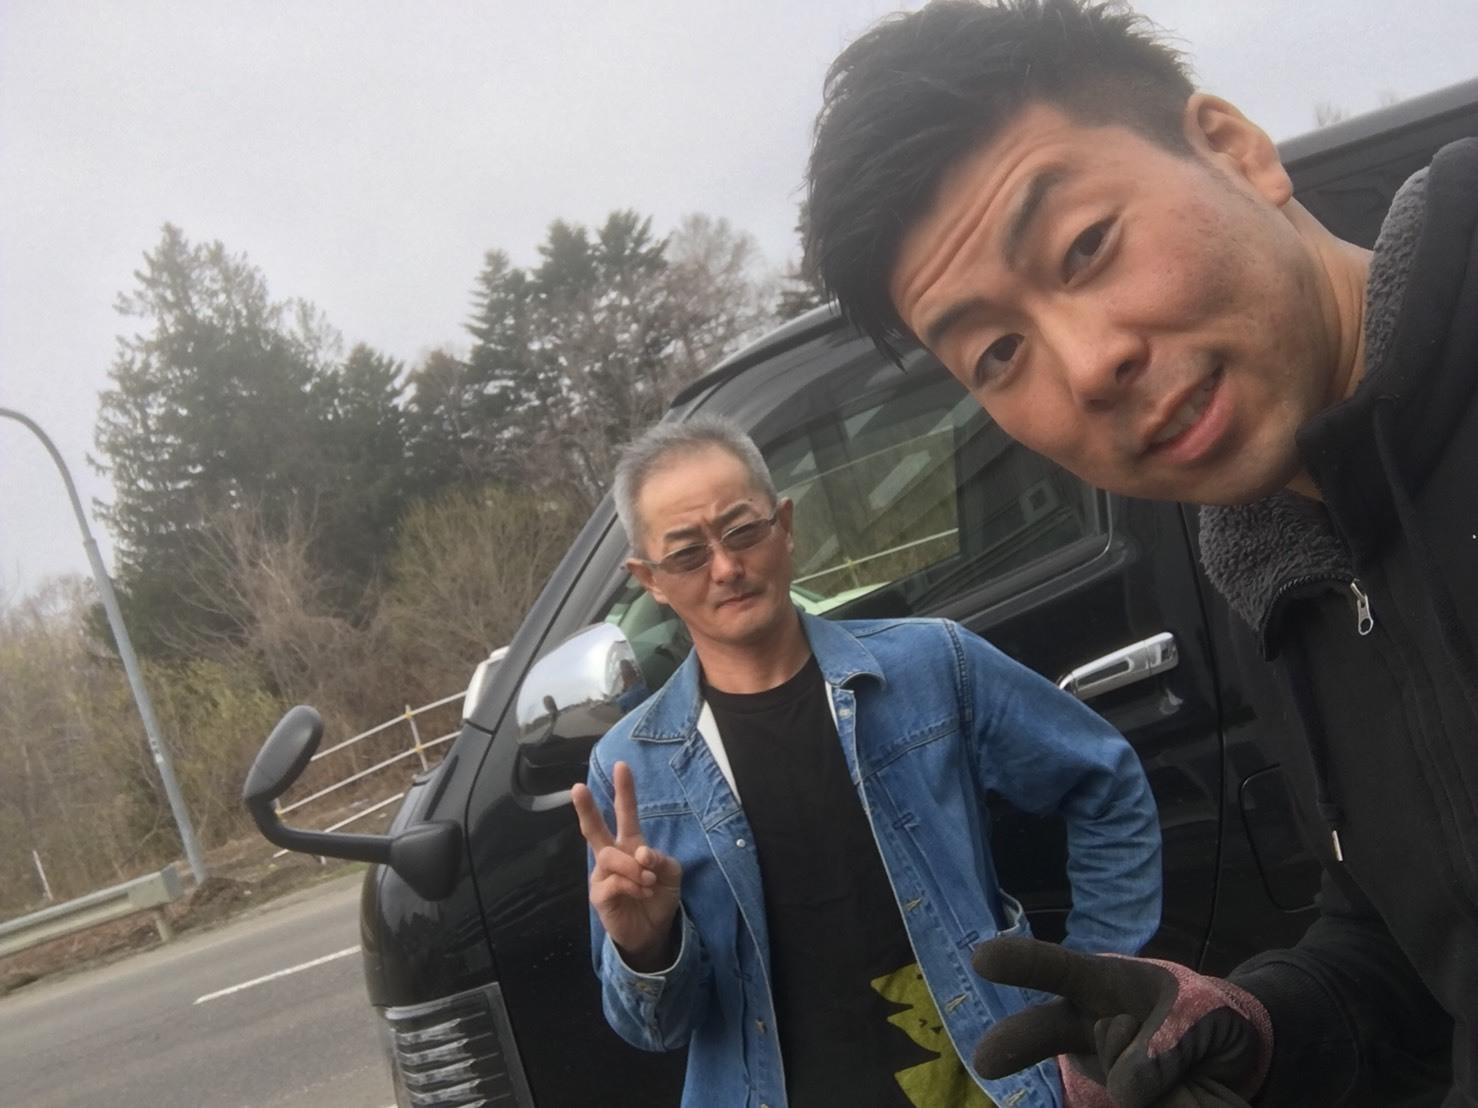 4月23日(月)トミーベース カスタムブログ☆S様キャンバス O様フォレスタ納車☆_b0127002_12465426.jpg